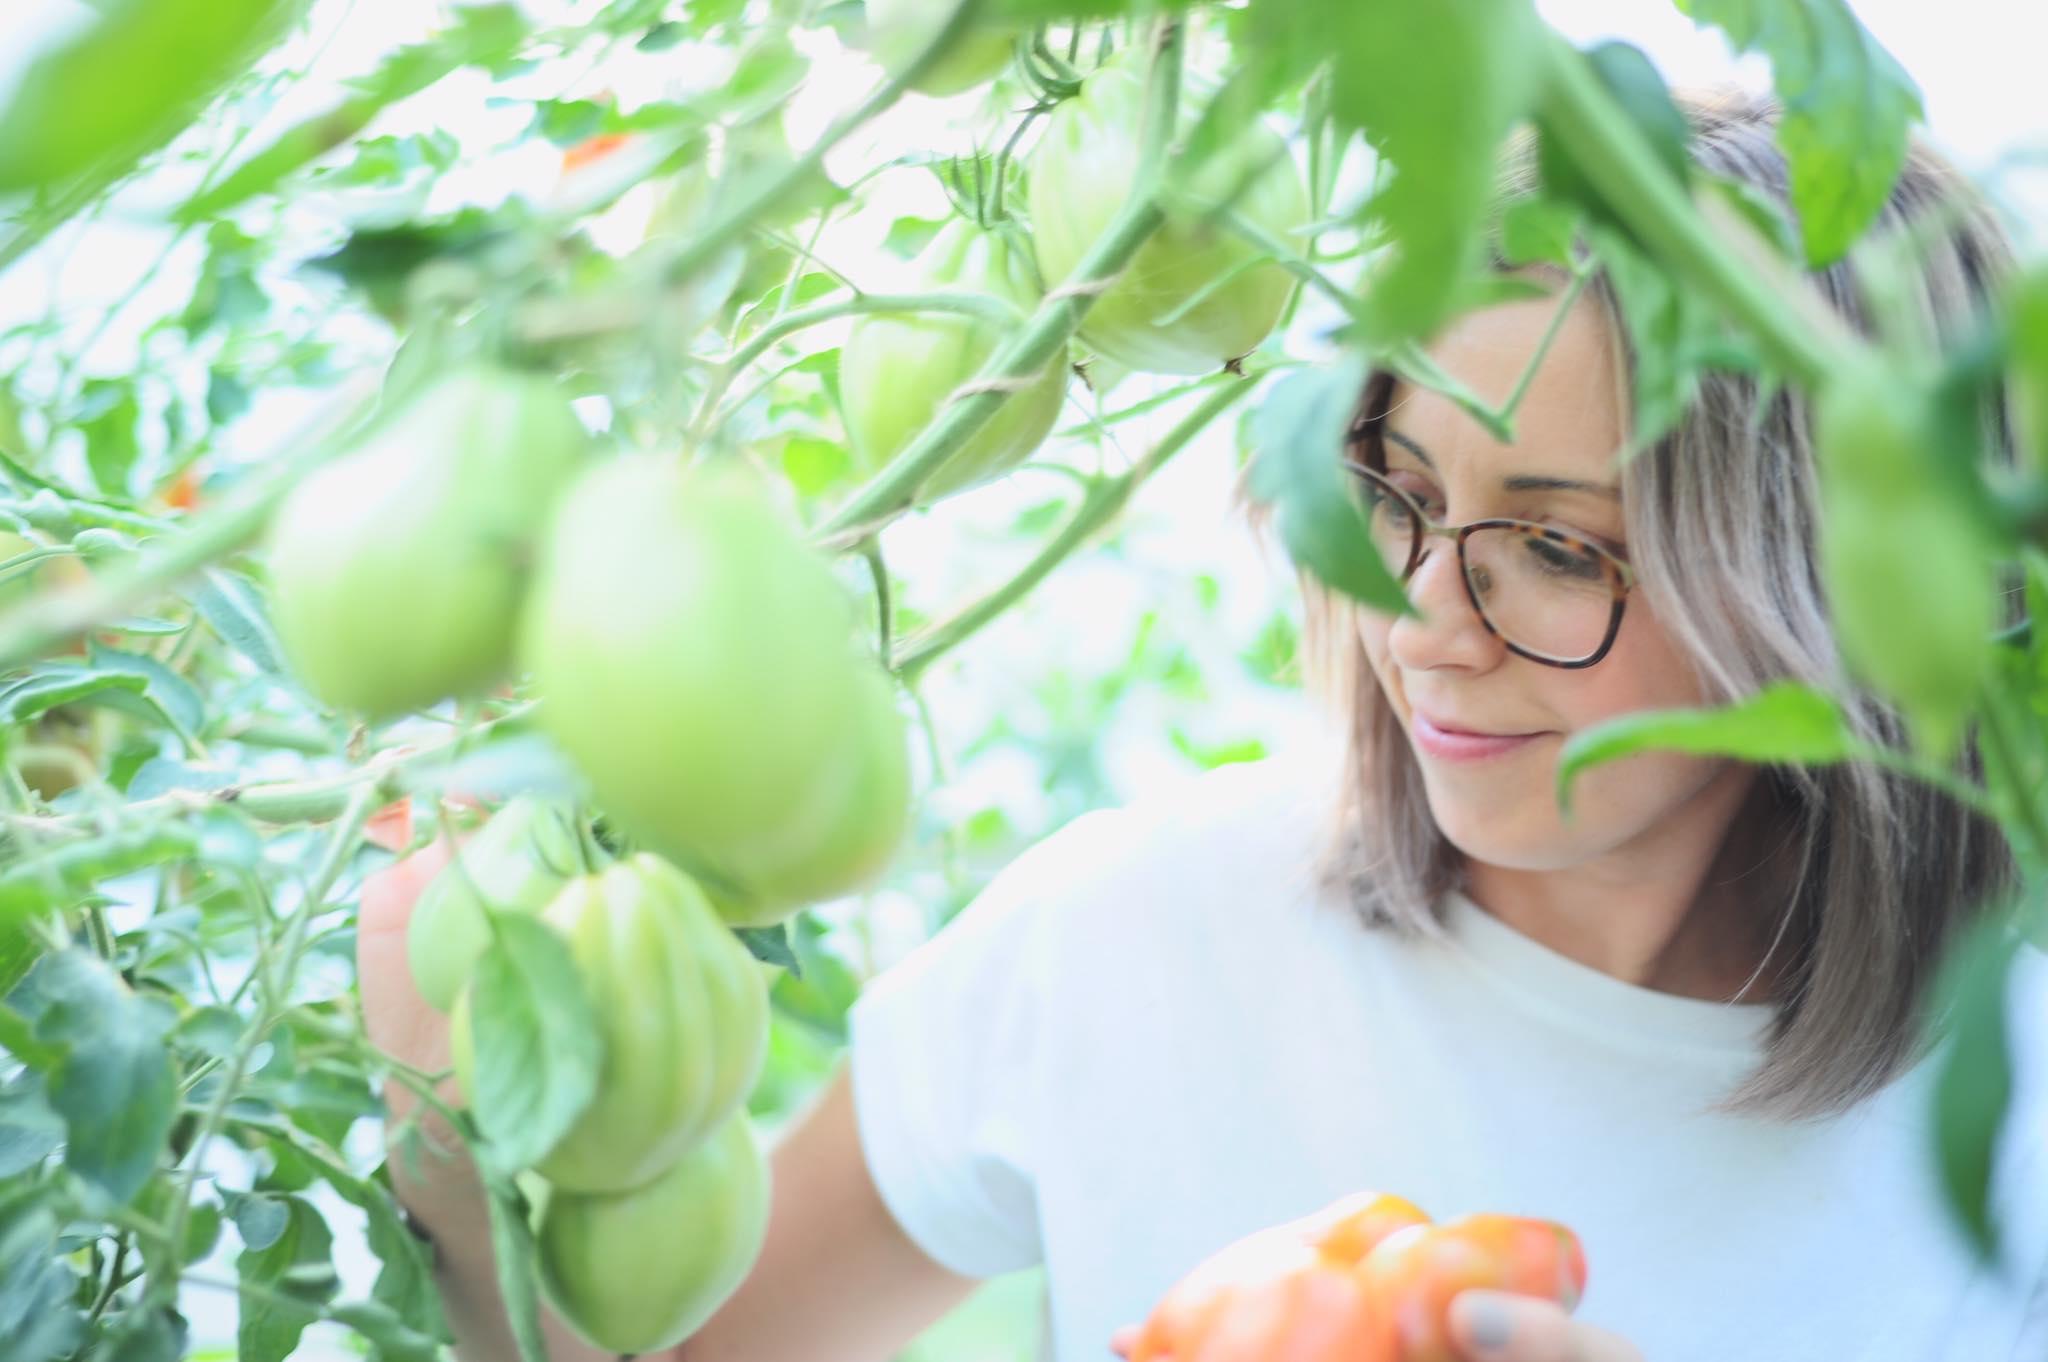 Người phụ nữ quyết không bỏ phí tuổi thanh xuân bằng cách tạo khu vườn quanh năm xanh mát - Ảnh 1.